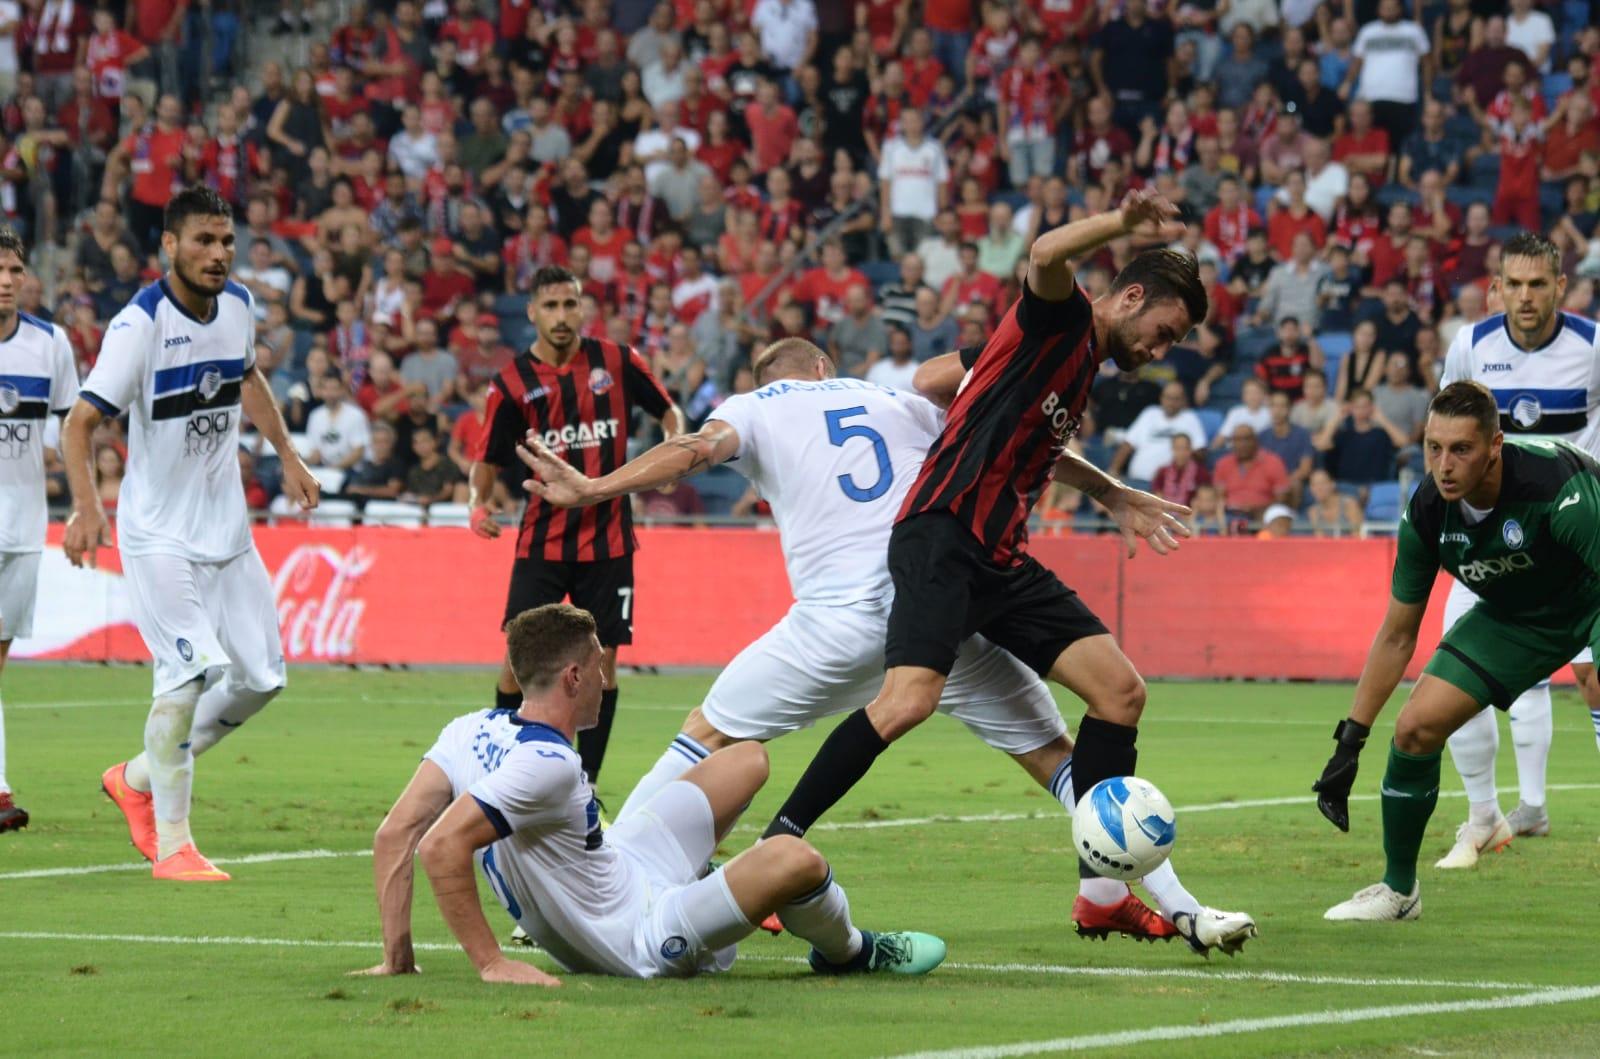 הפסד צורב להפועל חיפה 4:1 מול אטאלנטה במסגרת הסיבוב השלישי של מוקדמות הליגה האירופאית.